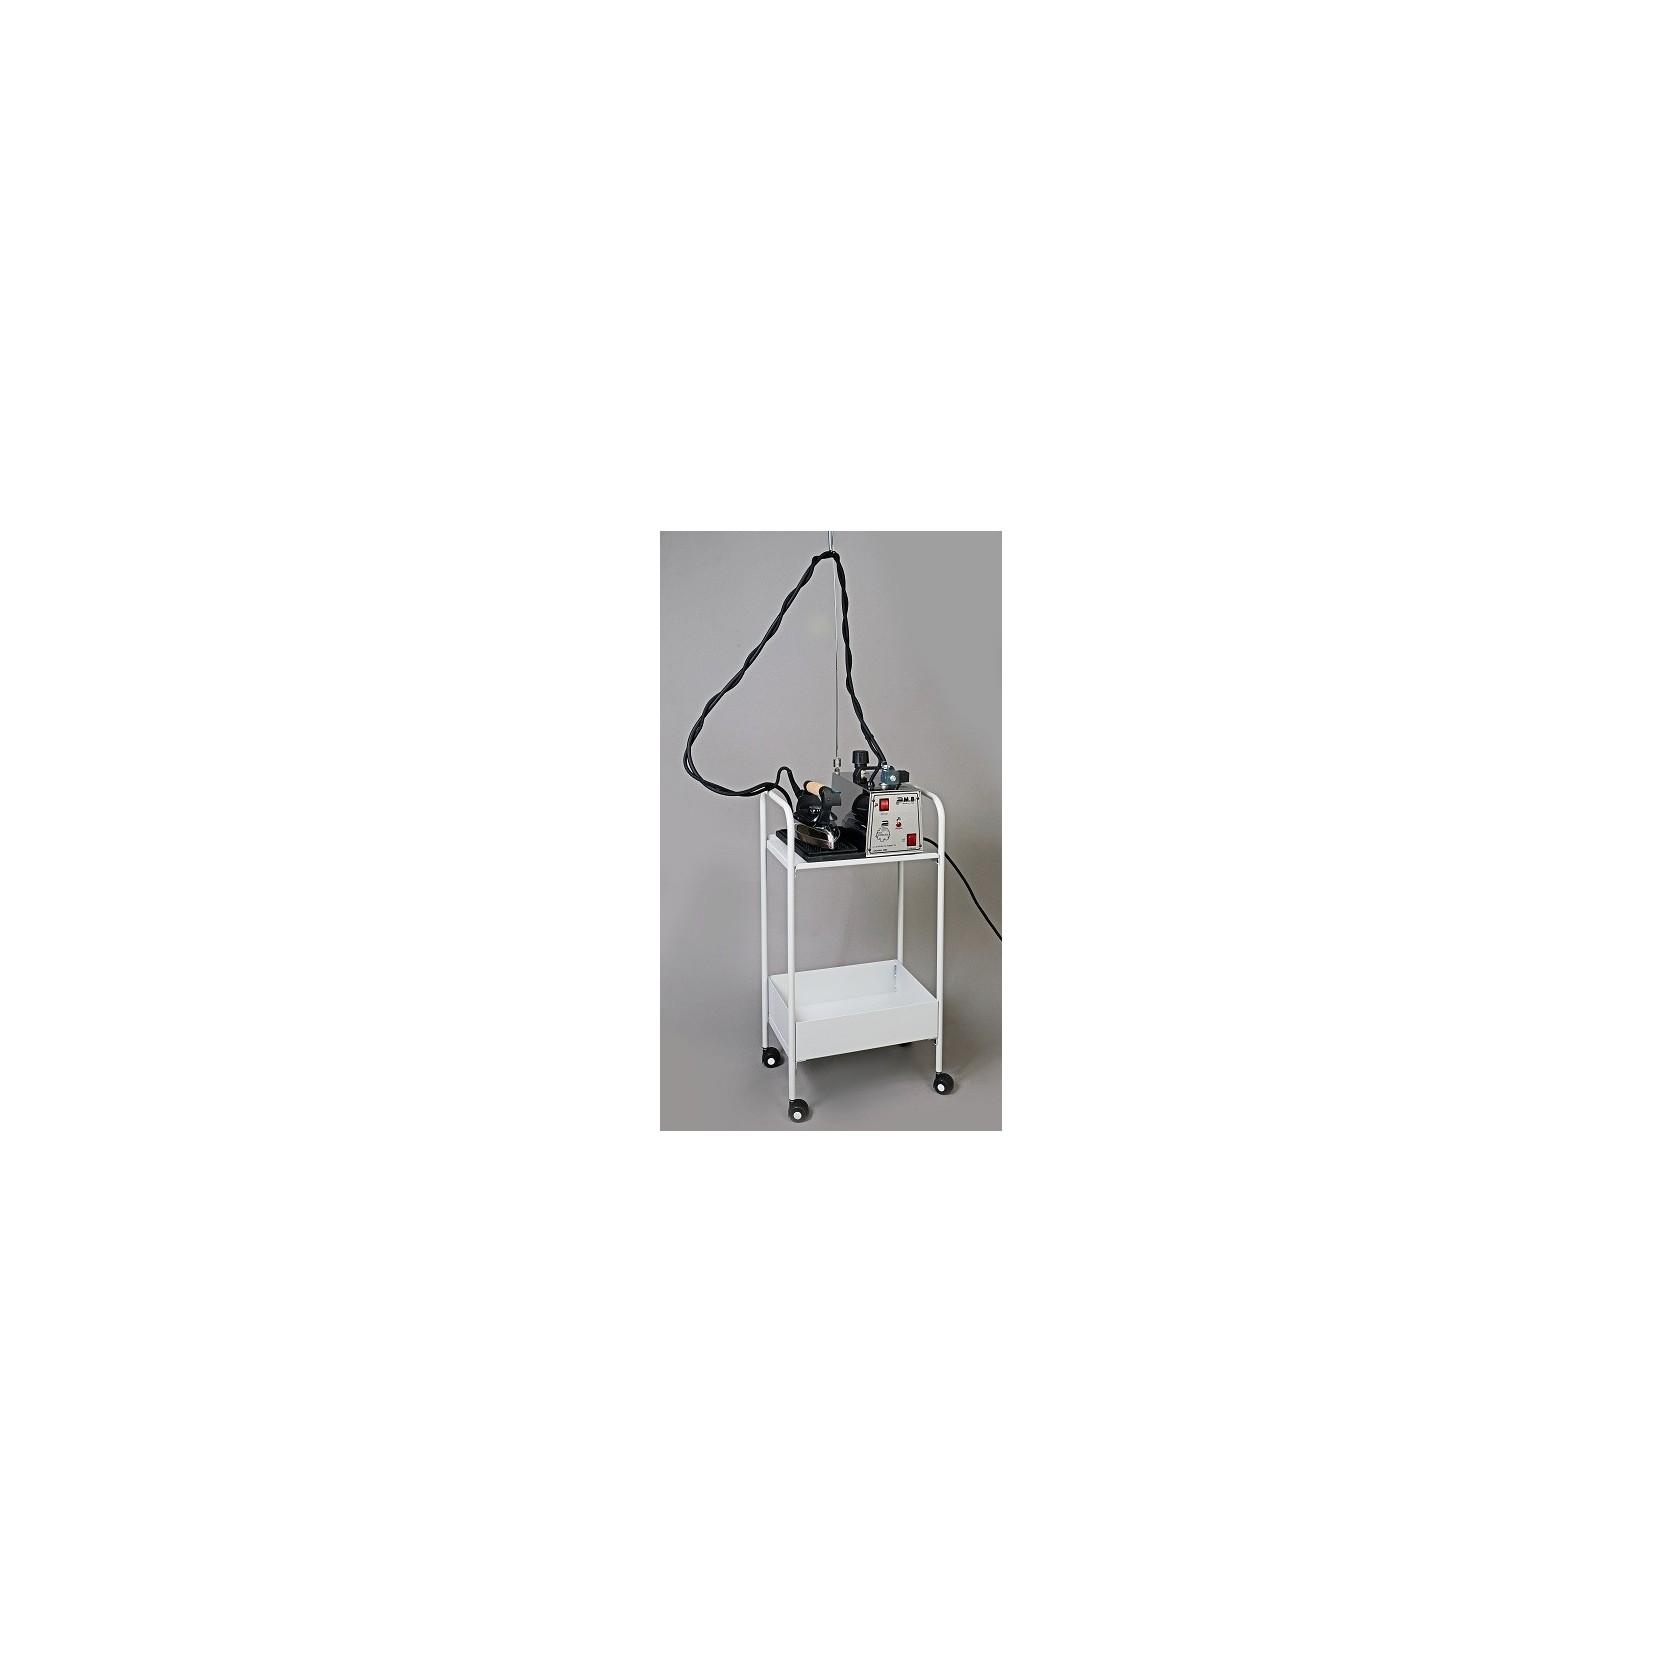 Carrello porta caldaia per stirelle con ruote e ripiano for Carrello porta ombrellone e sdraio